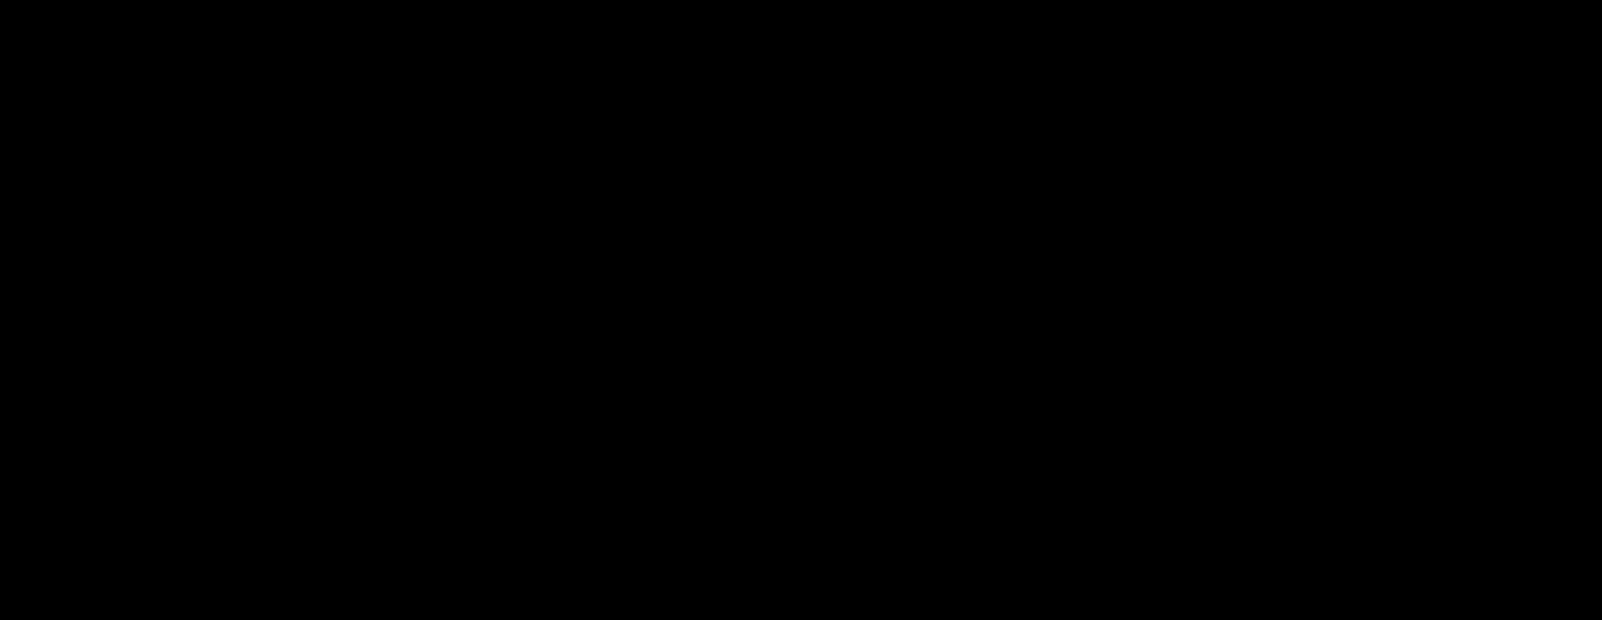 N-(4-((2-Amino-9H-purin-6-yloxy)methyl)benzyl)-2-azidoacetamide